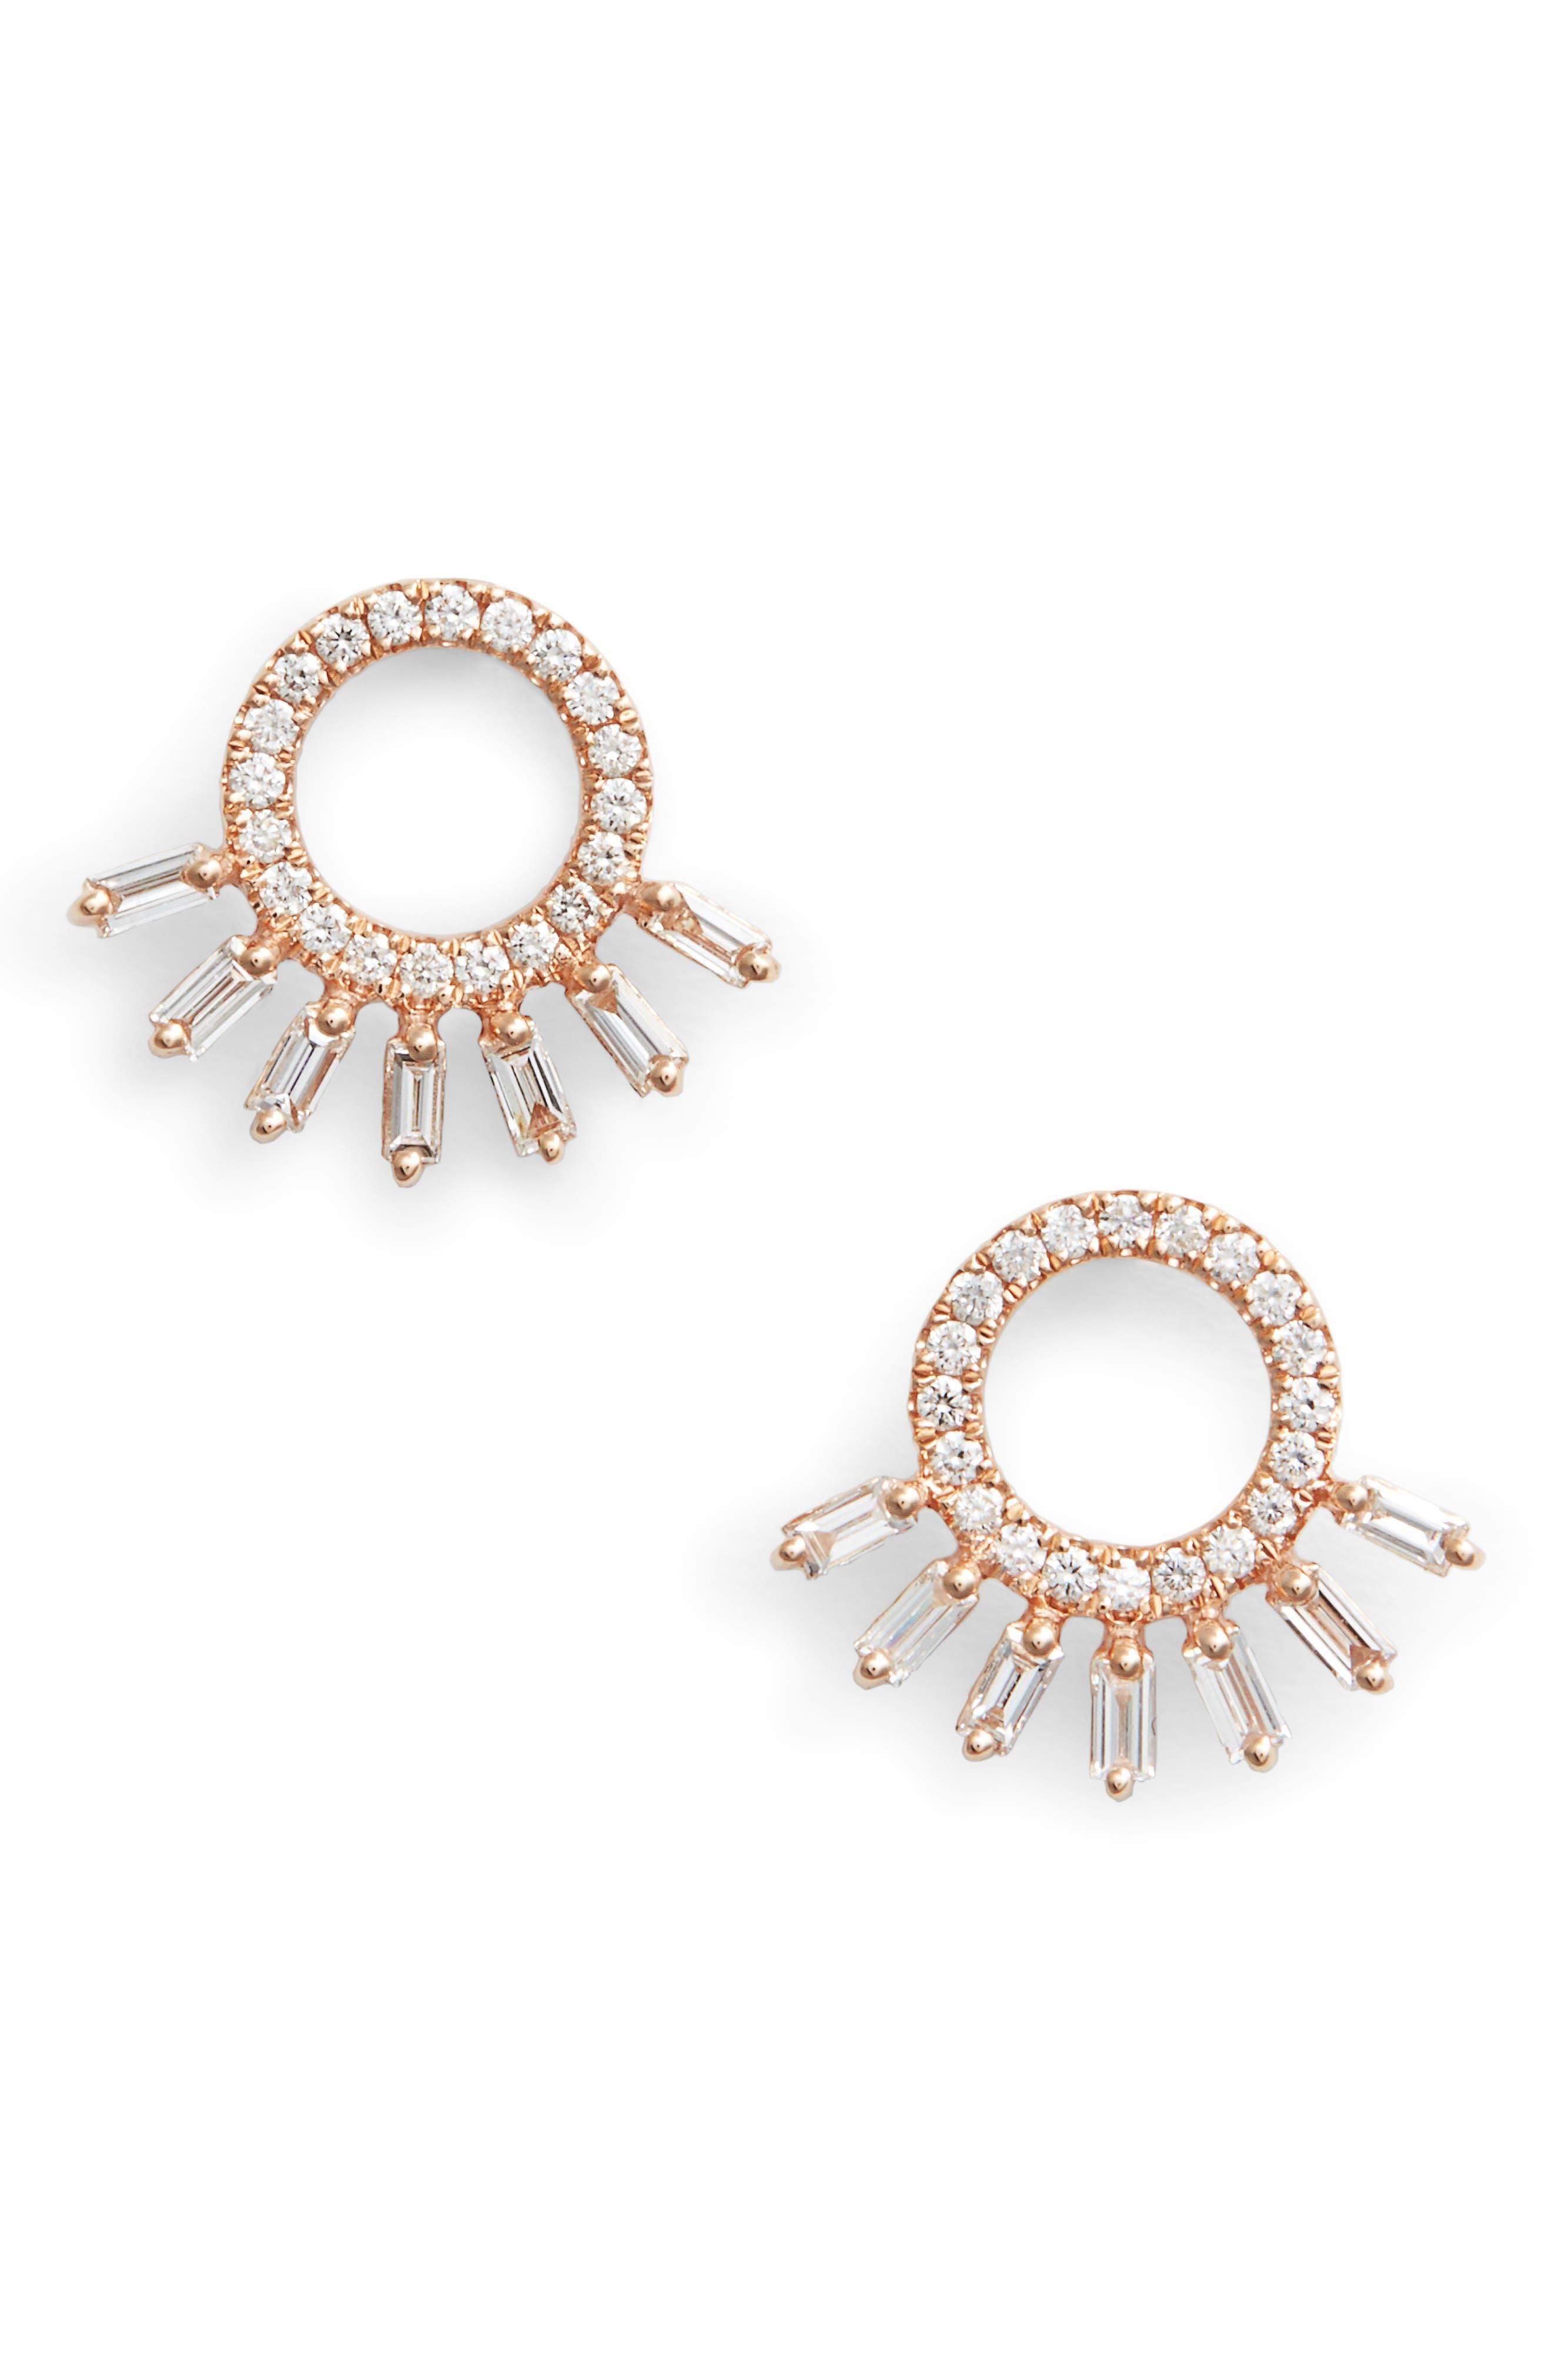 DANA REBECCA DESIGNS Dana Rebecca Sadie Starburst Stud Earrings, Main, color, ROSE GOLD